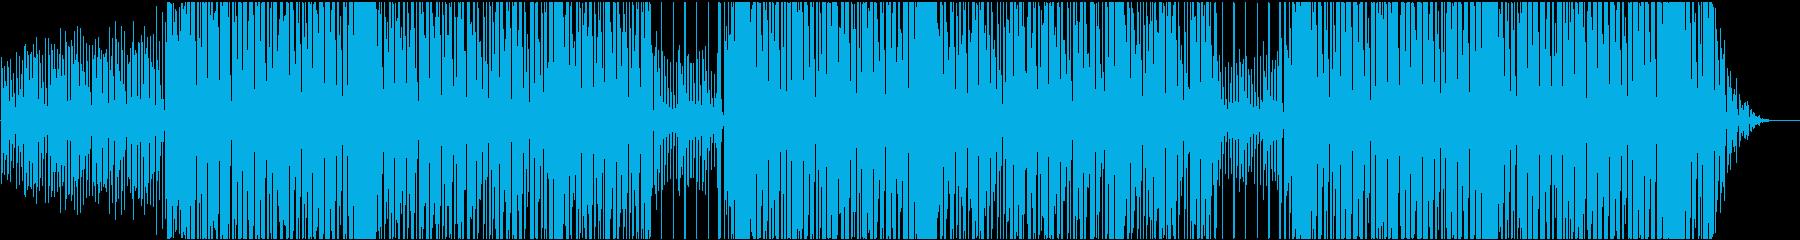 アゲアゲ Dirty South ビートの再生済みの波形